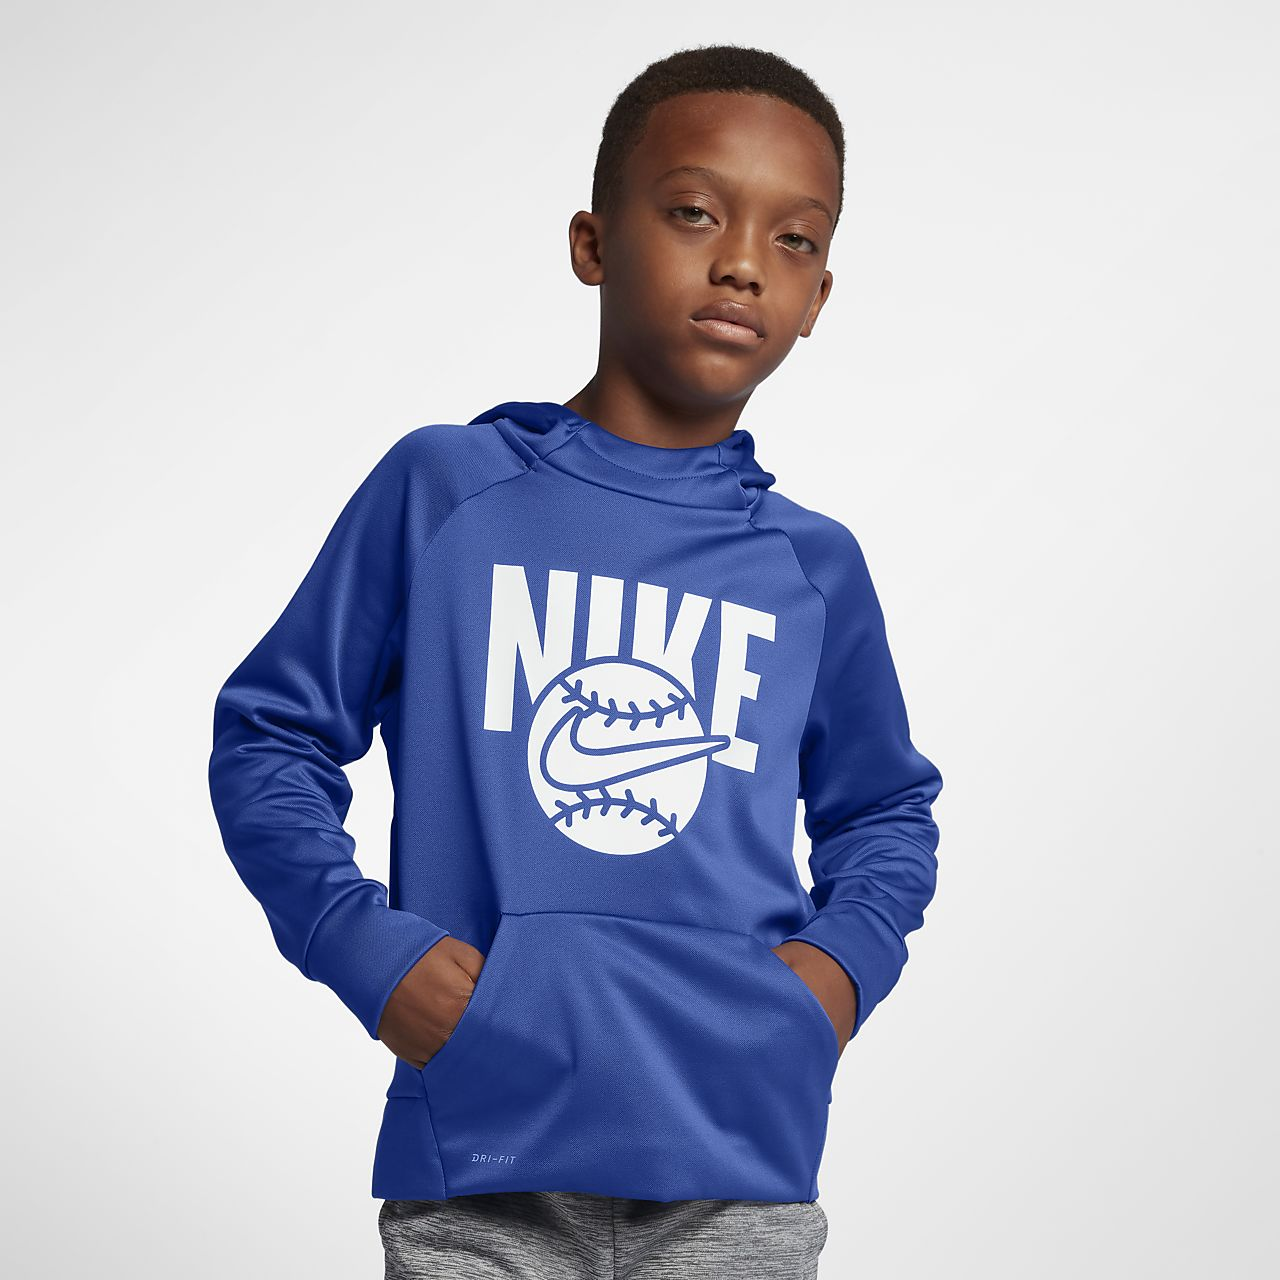 133393bb2499 Nike Therma Big Kids  (Boys ) Training Pullover Hoodie. Nike.com